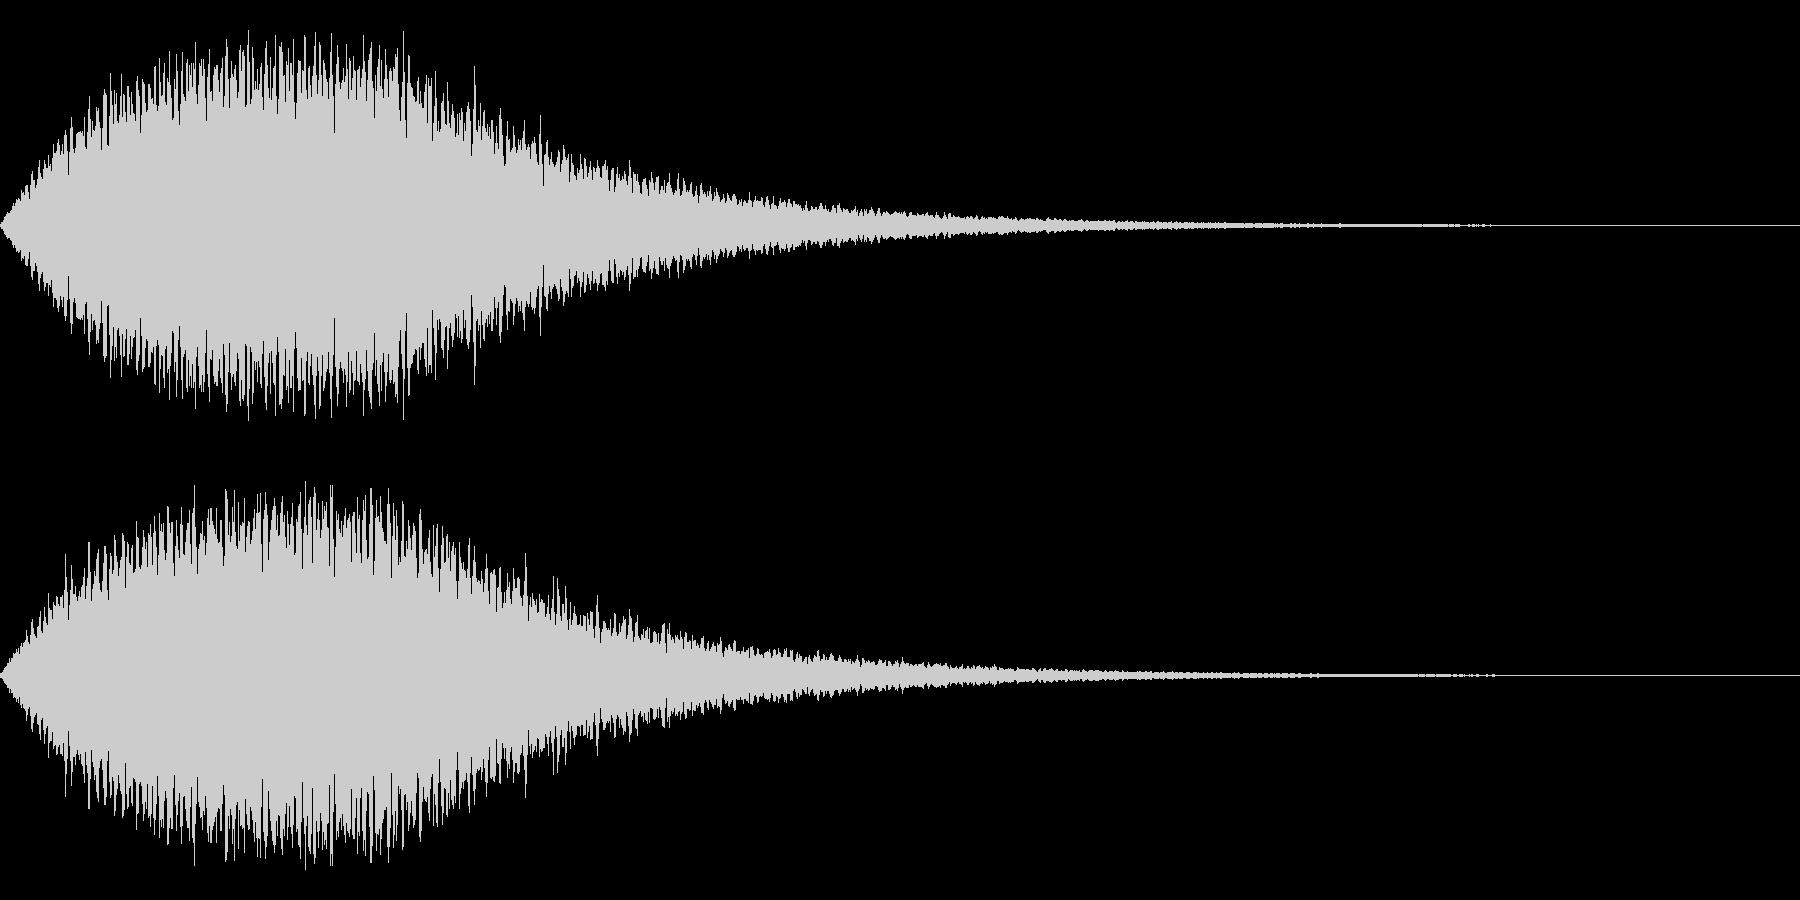 SF、ロゴ、電子的の未再生の波形